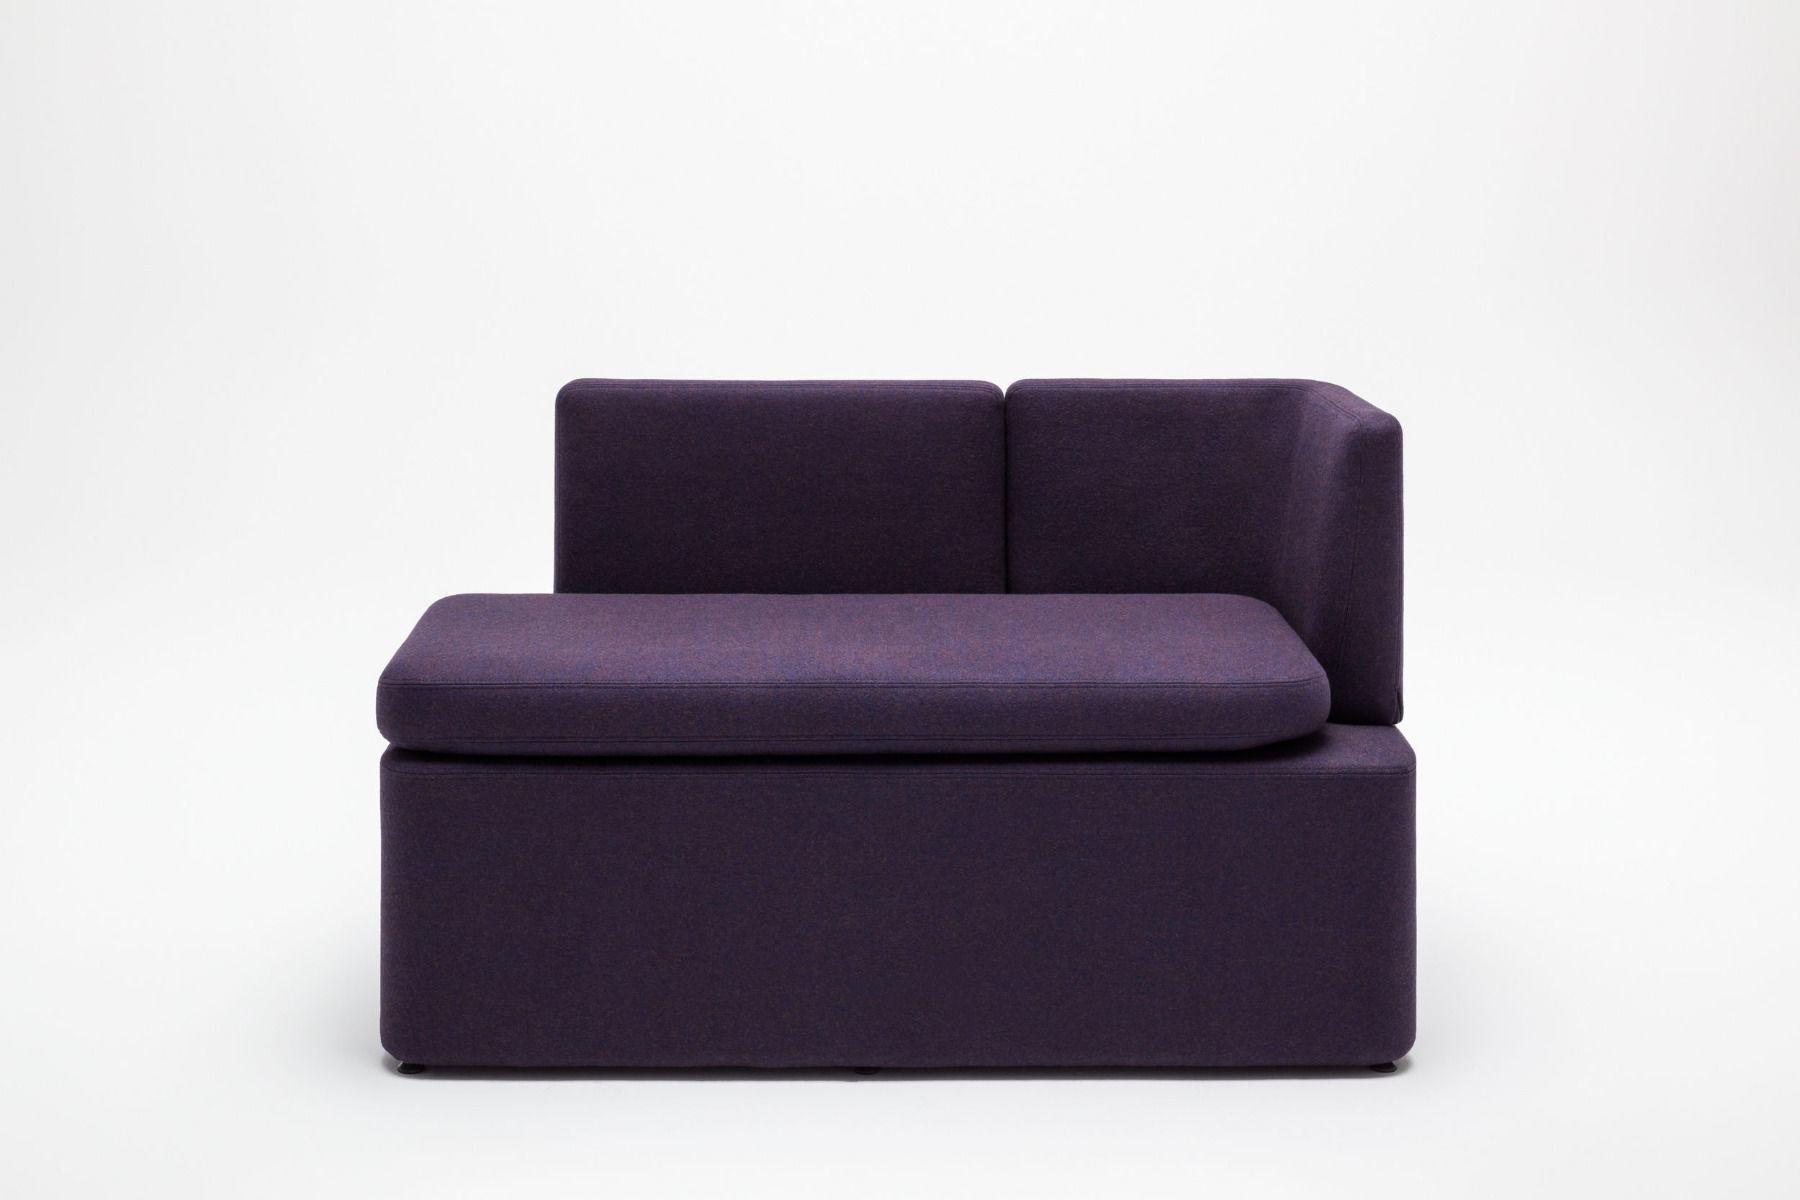 empfangstheken sitzmoebel studiomoebel violett kasten